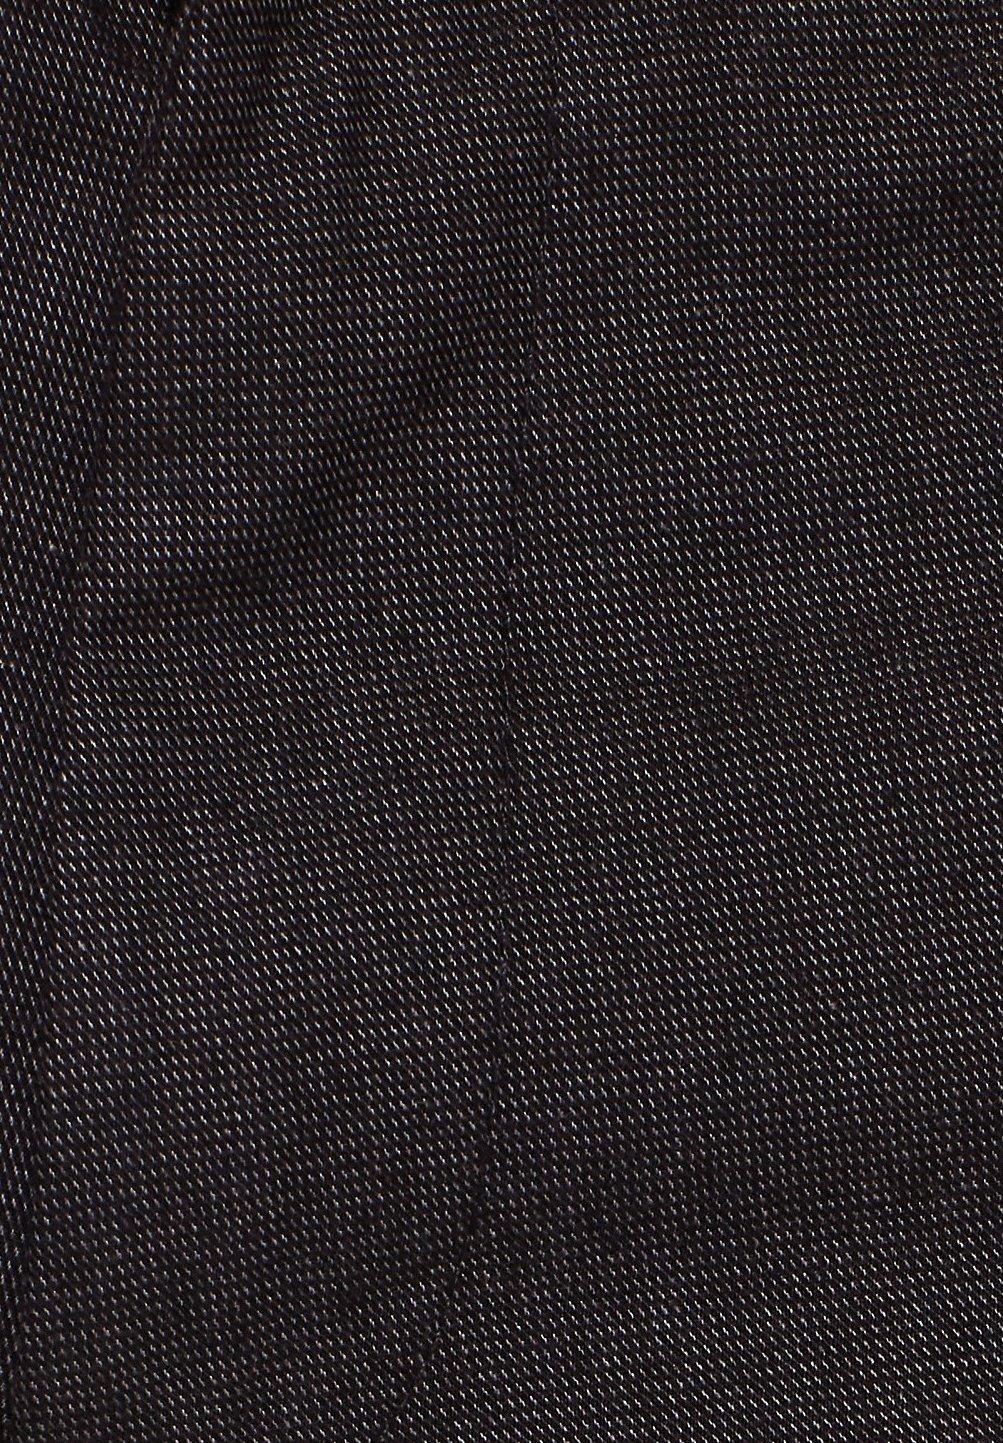 Get Discount Men's Clothing Esprit Chinos anthracite 1w2tBAZkl EYMQCo0XQ